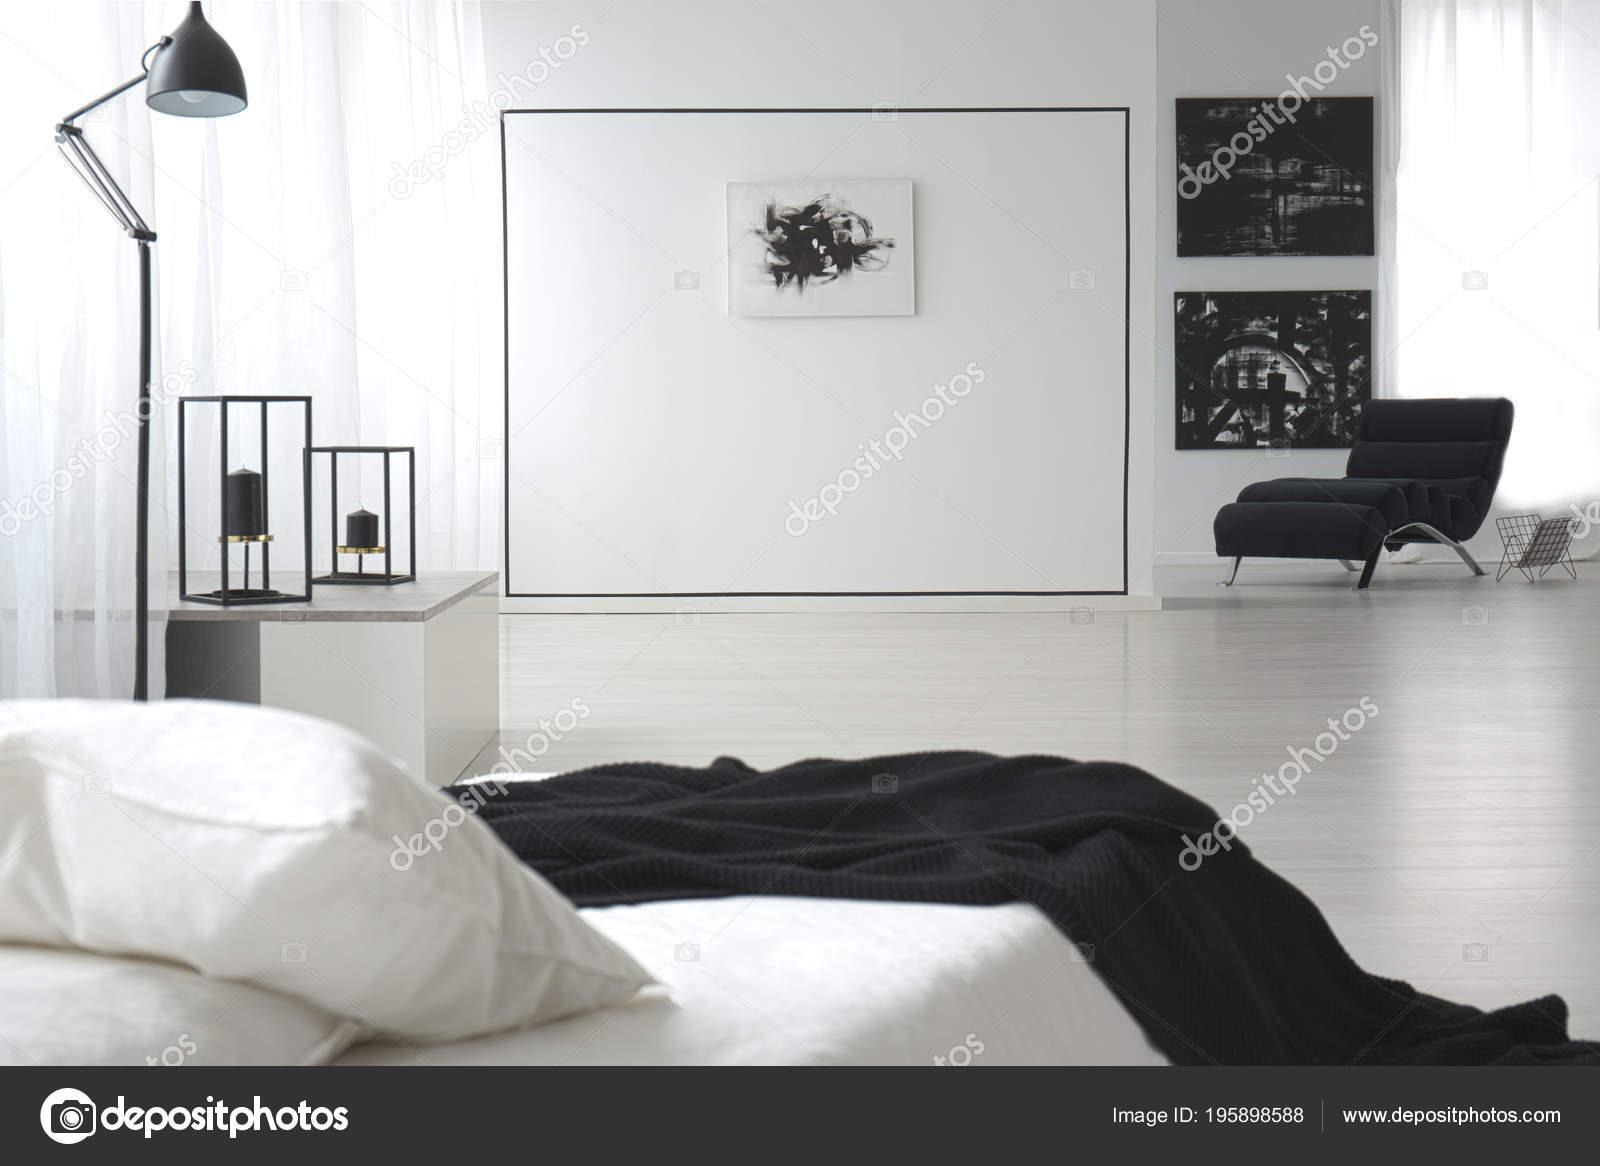 Zwart Wit Slaapkamer Interieur Met Schilderijen Dubbel Bed Lamp Muur ...